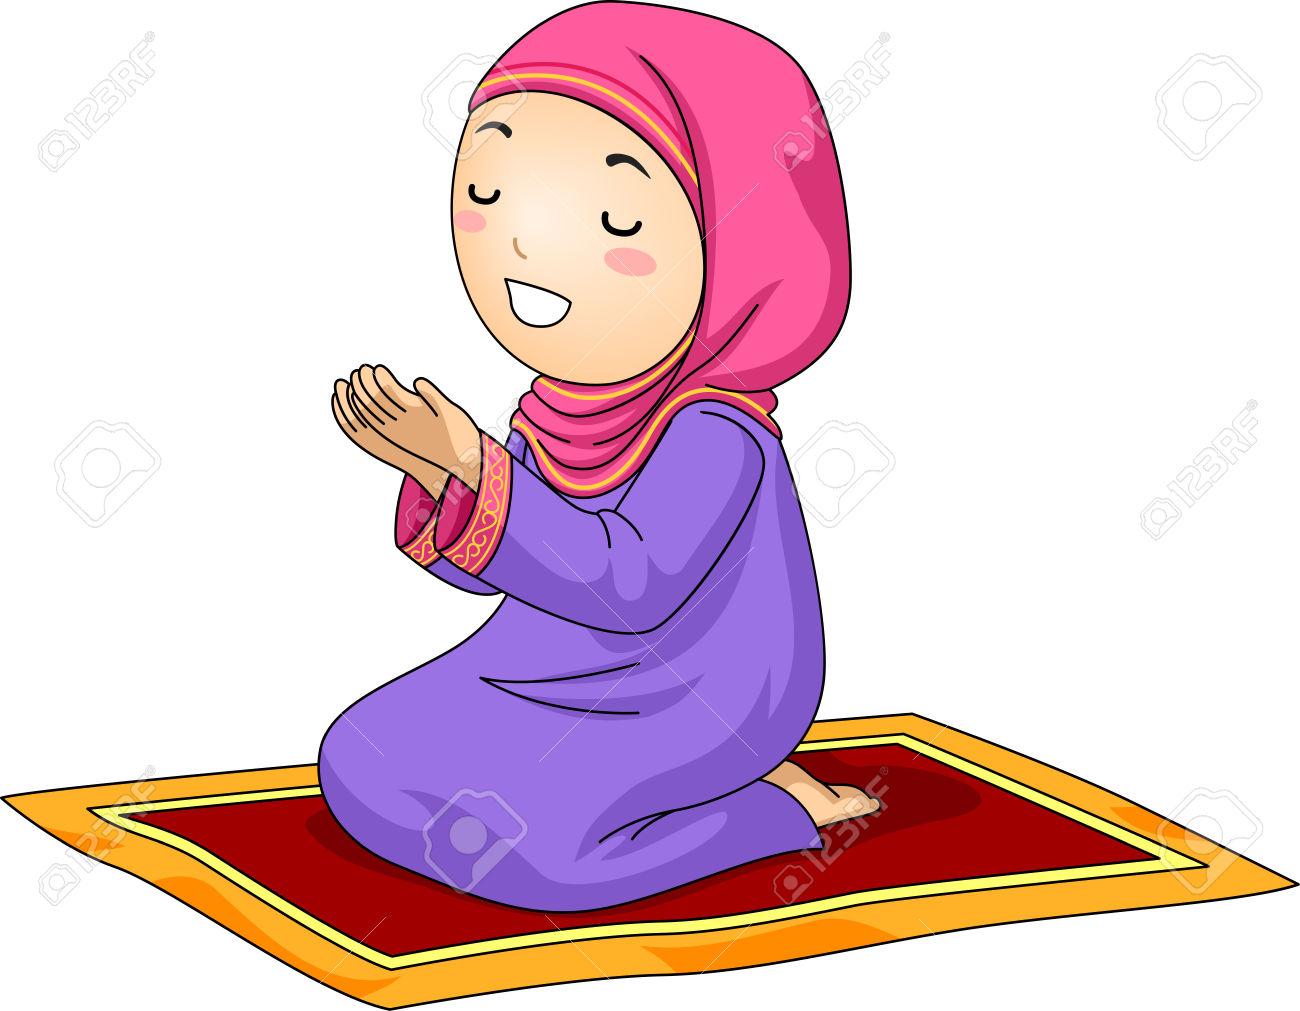 بالصور تفسير حلم الصلاة للمتزوجة , معنى رؤيا الصلاة بالمنام 551 1